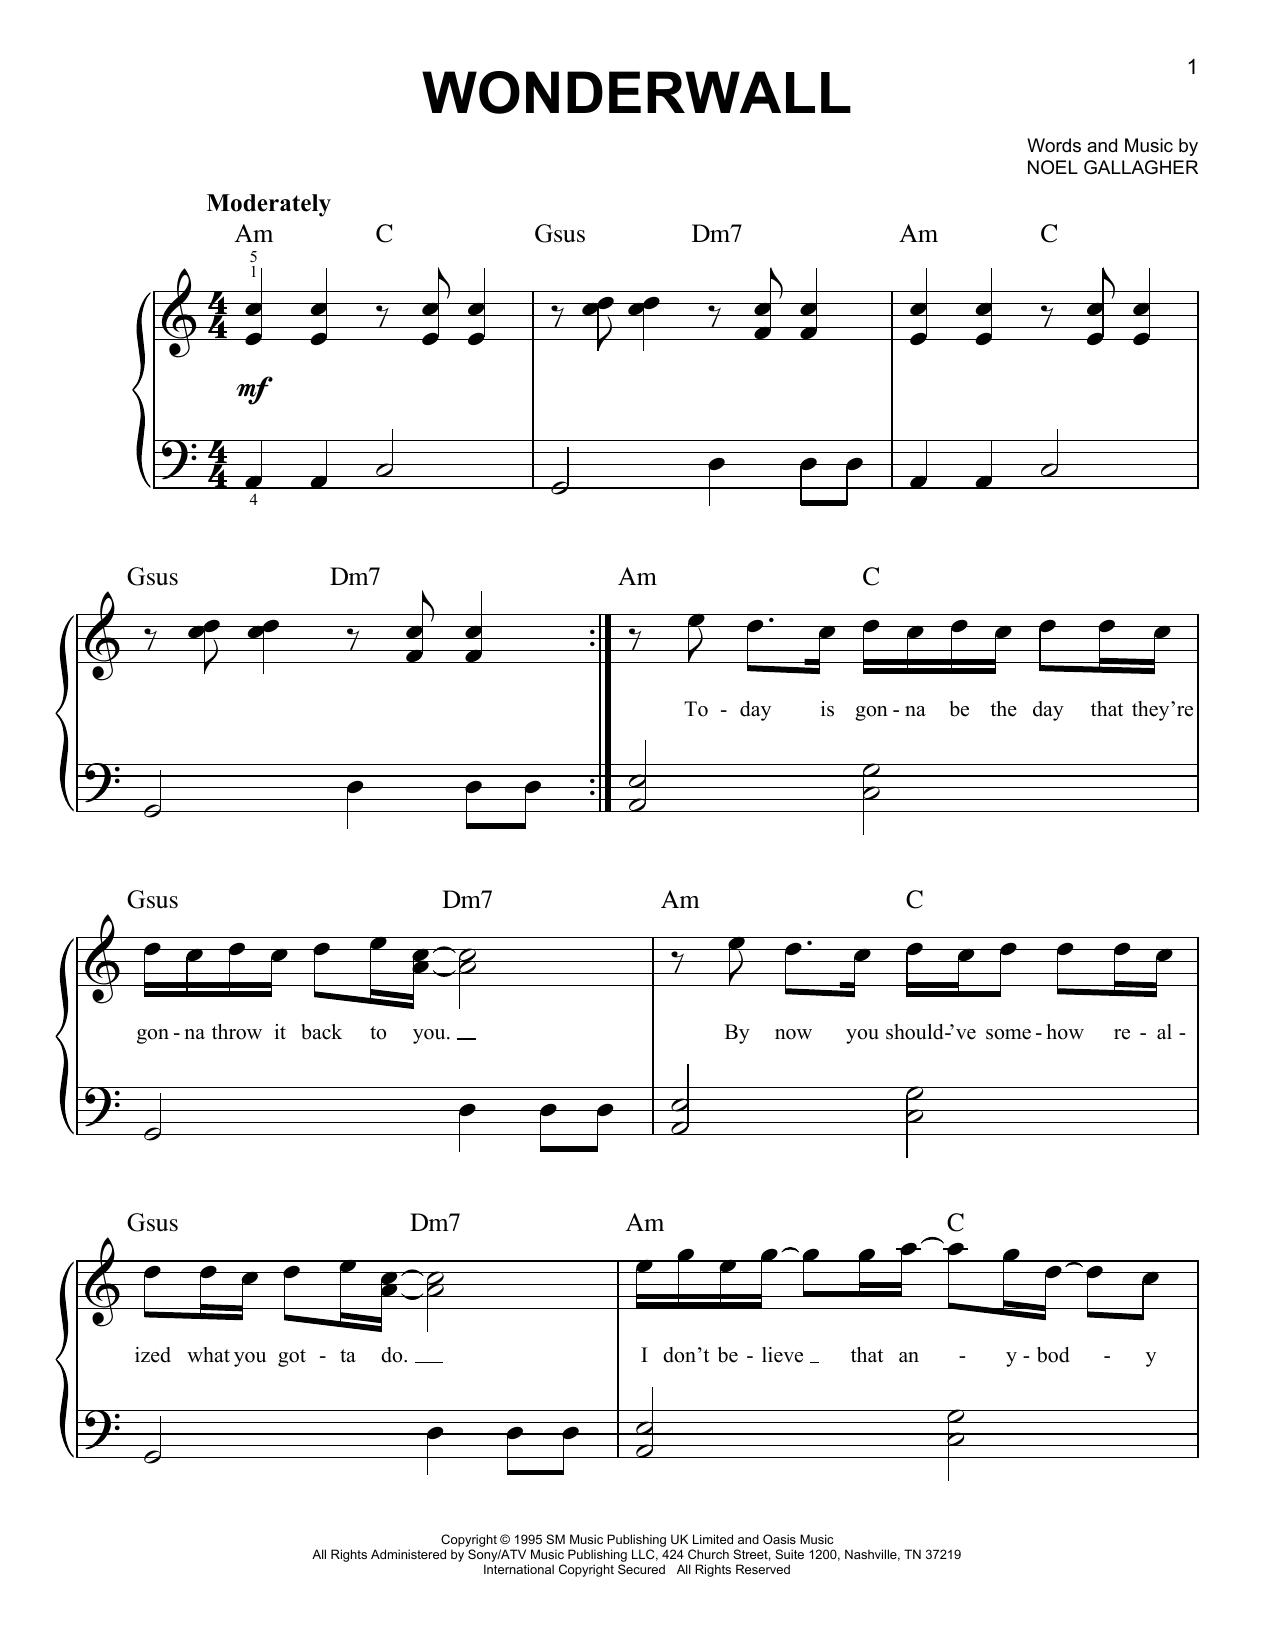 Wonderwall : Sheet Music Direct